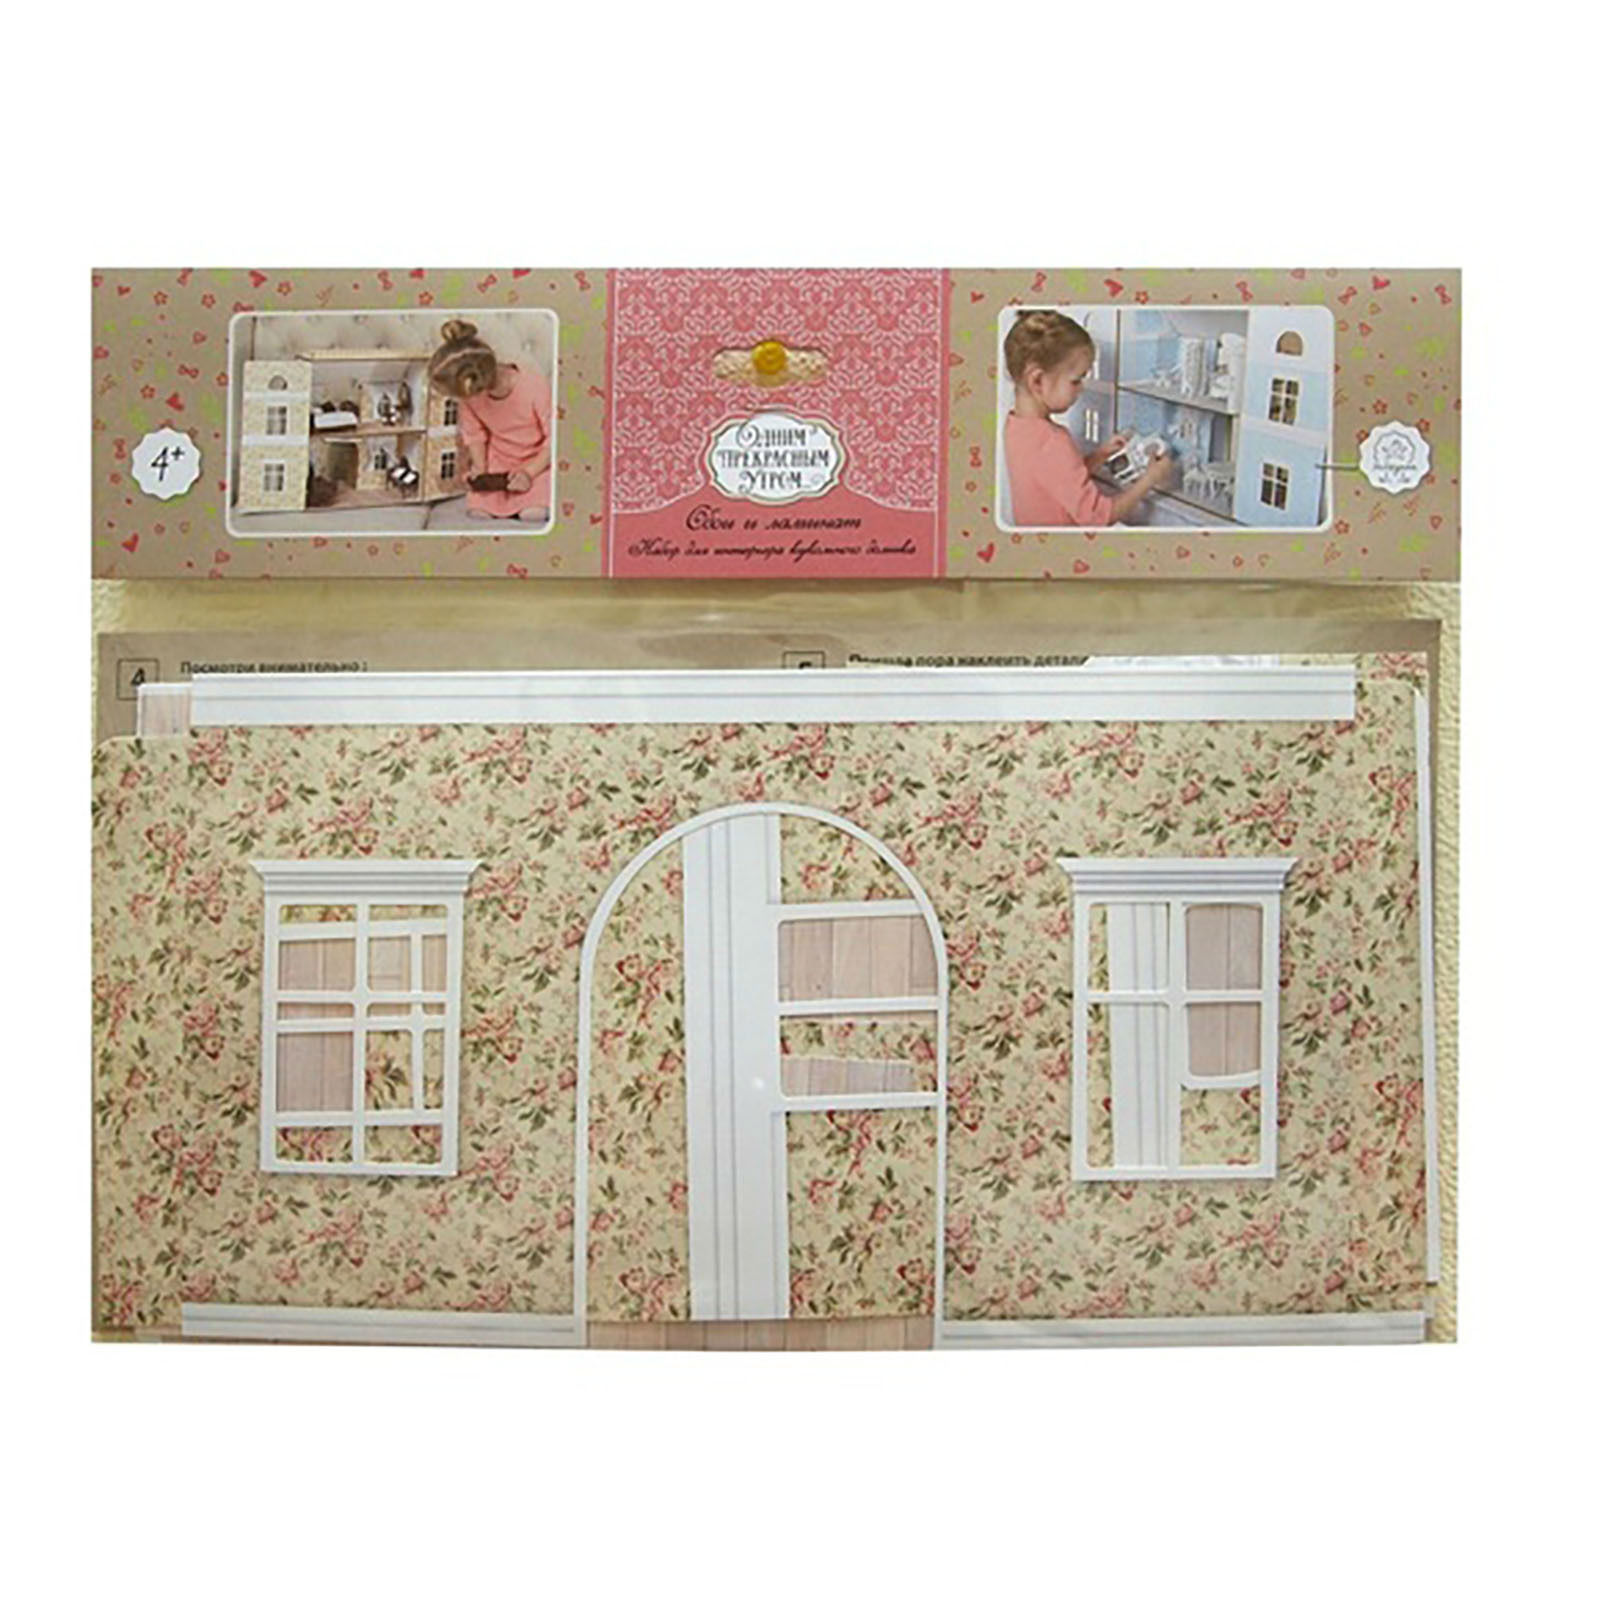 Набор для интерьера кукольного домика - Одним прекрасным утром™ - Обои и ламинат, в цветочекКукольные домики<br>Набор для интерьера кукольного домика - Одним прекрасным утром™ - Обои и ламинат, в цветочек<br>